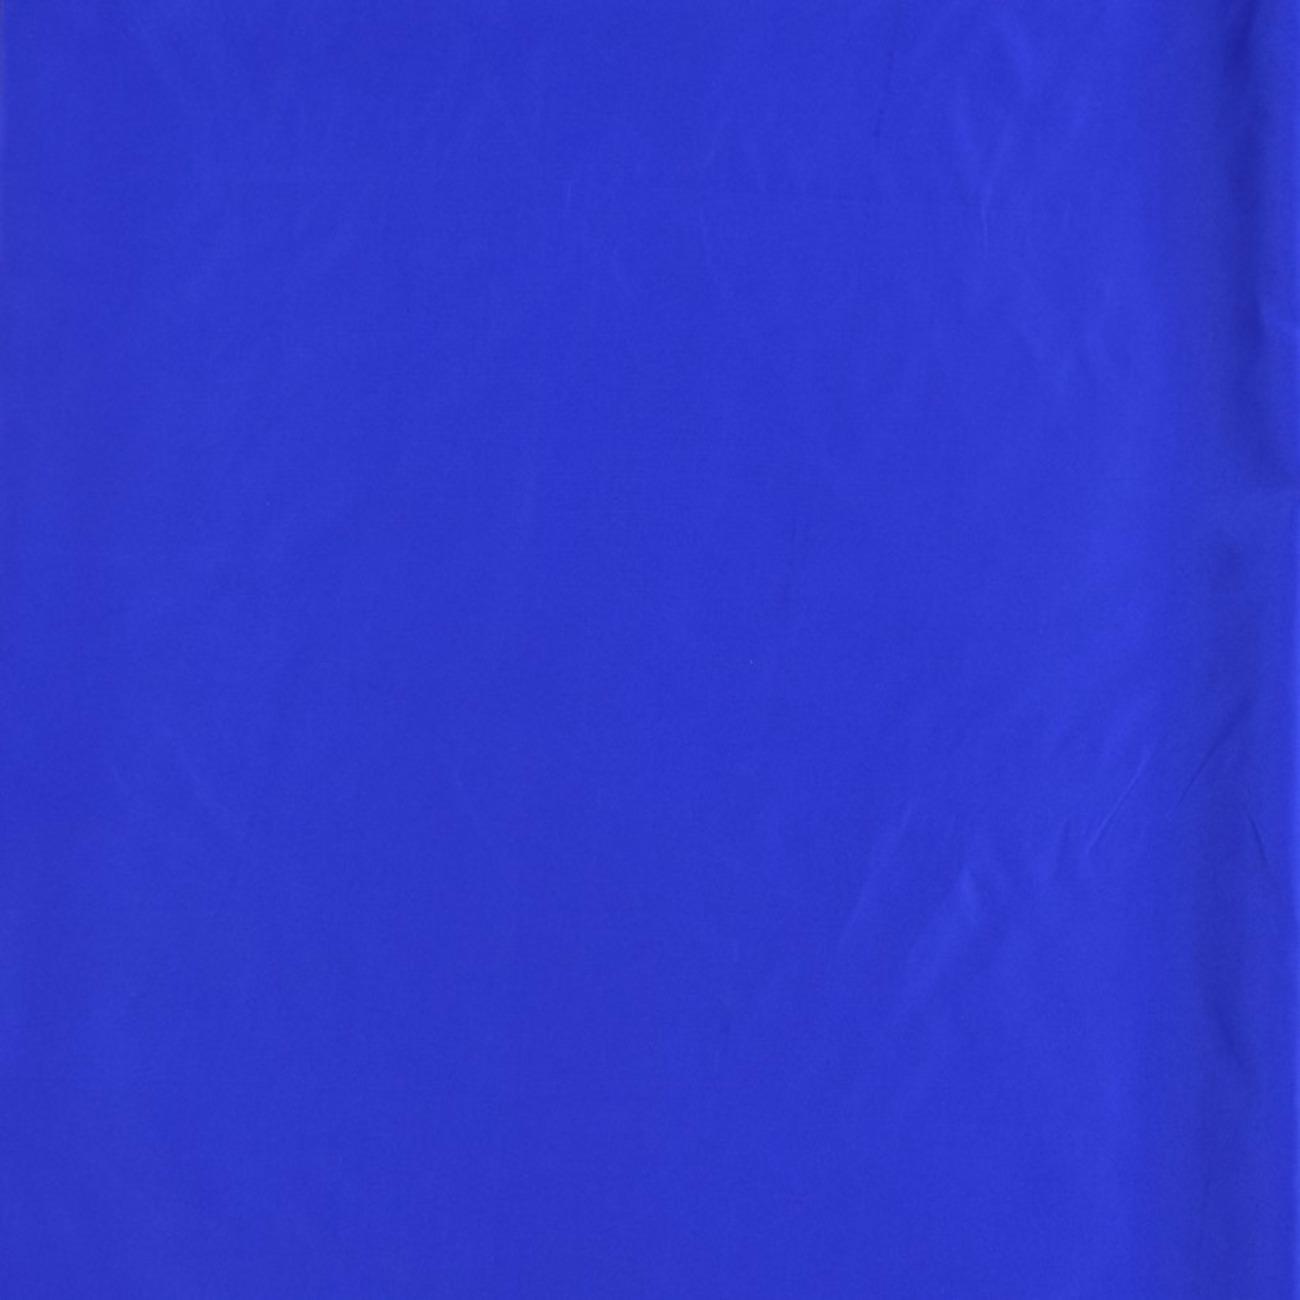 里布 素色 梭织 偏薄 无弹 平纹 细腻 柔软 女装 提花面料 全涤提花60415-3(里布)